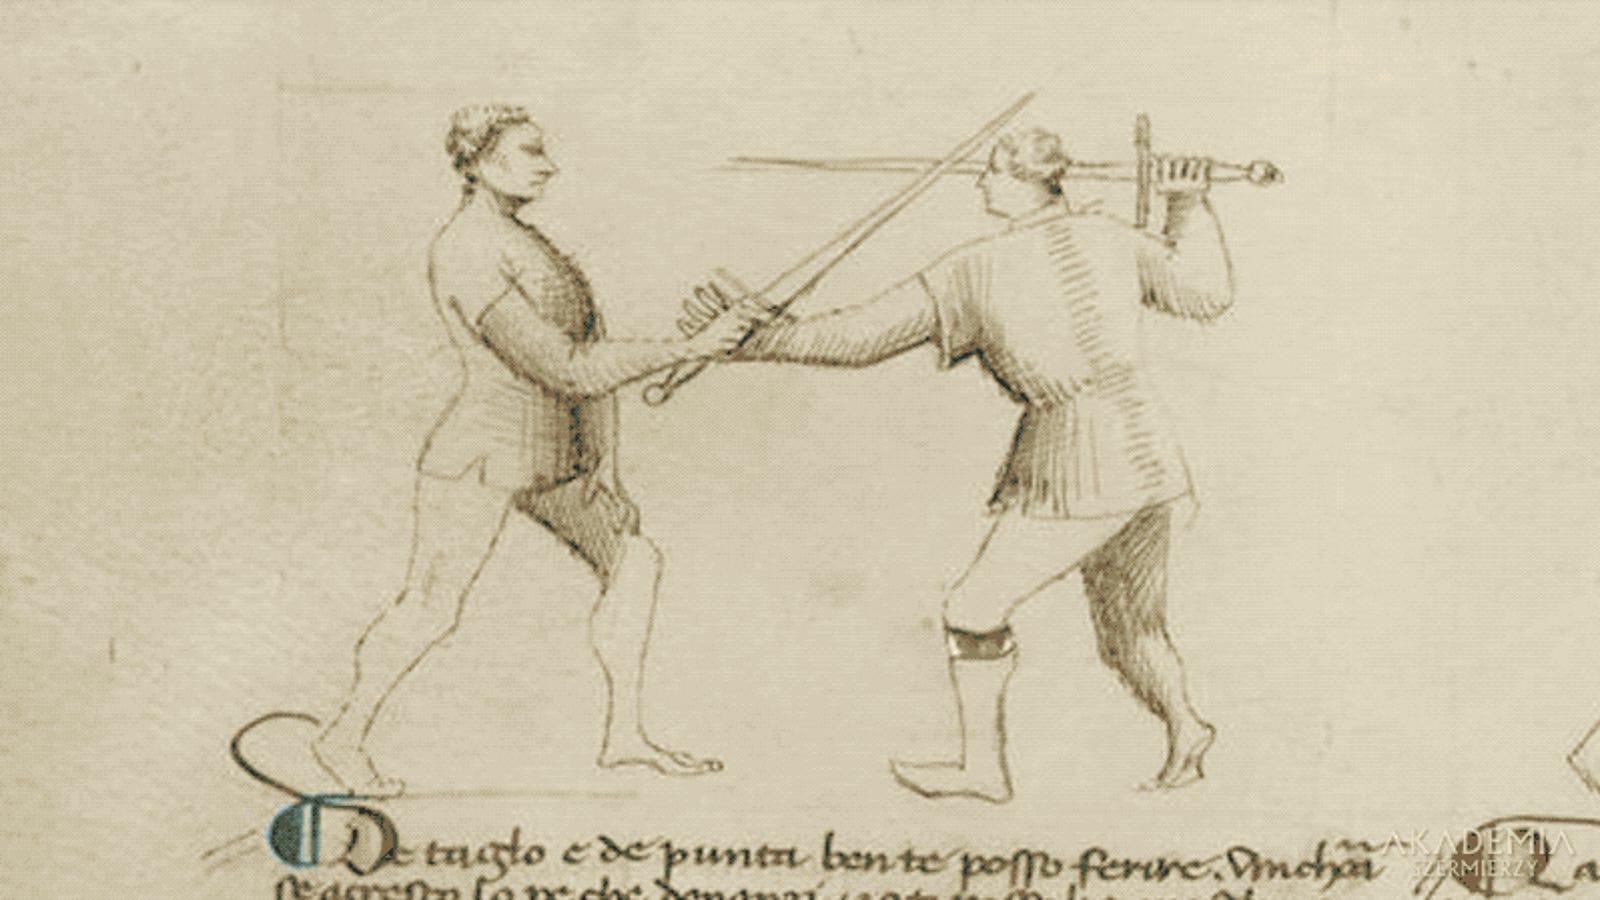 Así recrean dos maestros los letales movimientos registrados en manuales de esgrima medieval